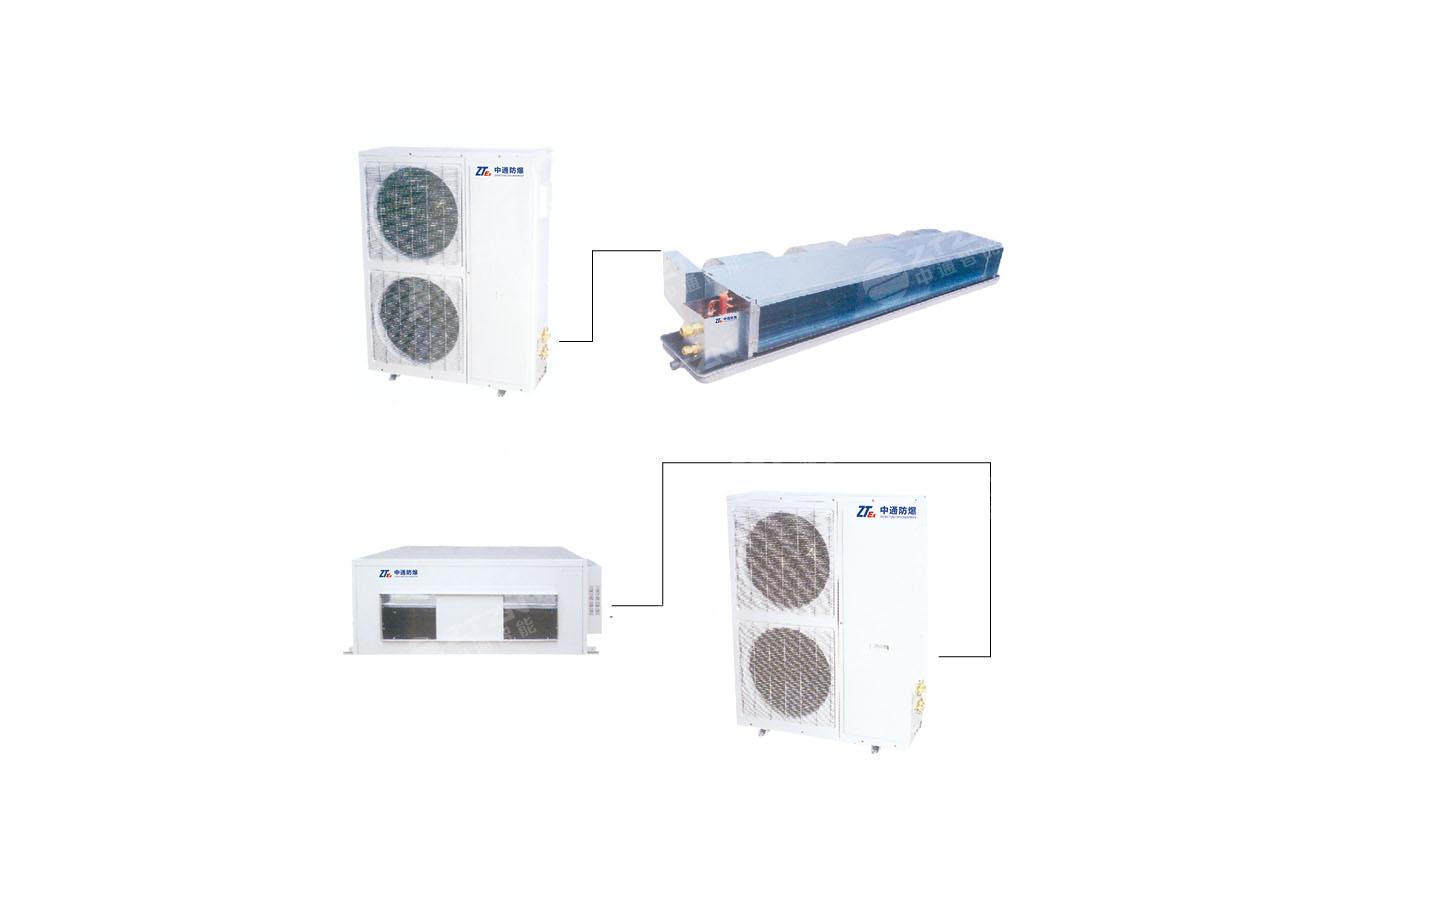 防爆风管送风式空调机组产品特点 防爆风管送风式空调机组技术参数